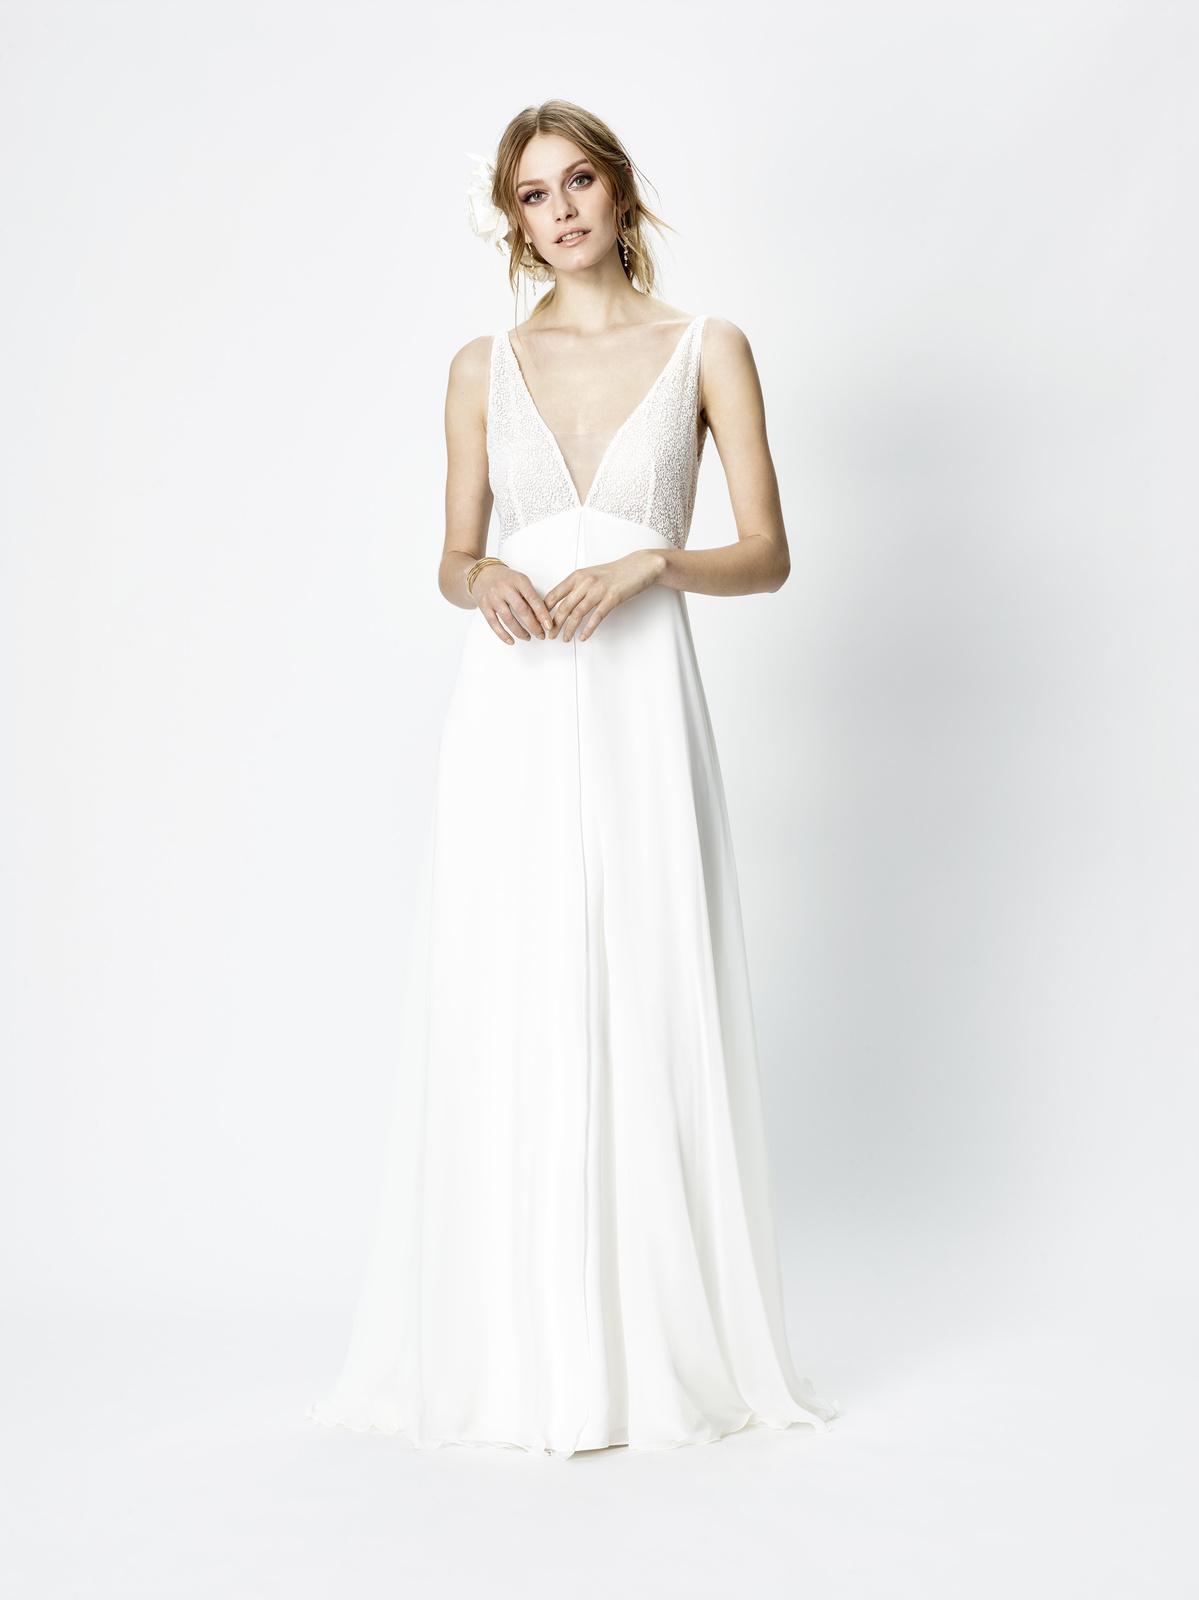 Brautkleid Gala von Rembo Styling auf Ja.de